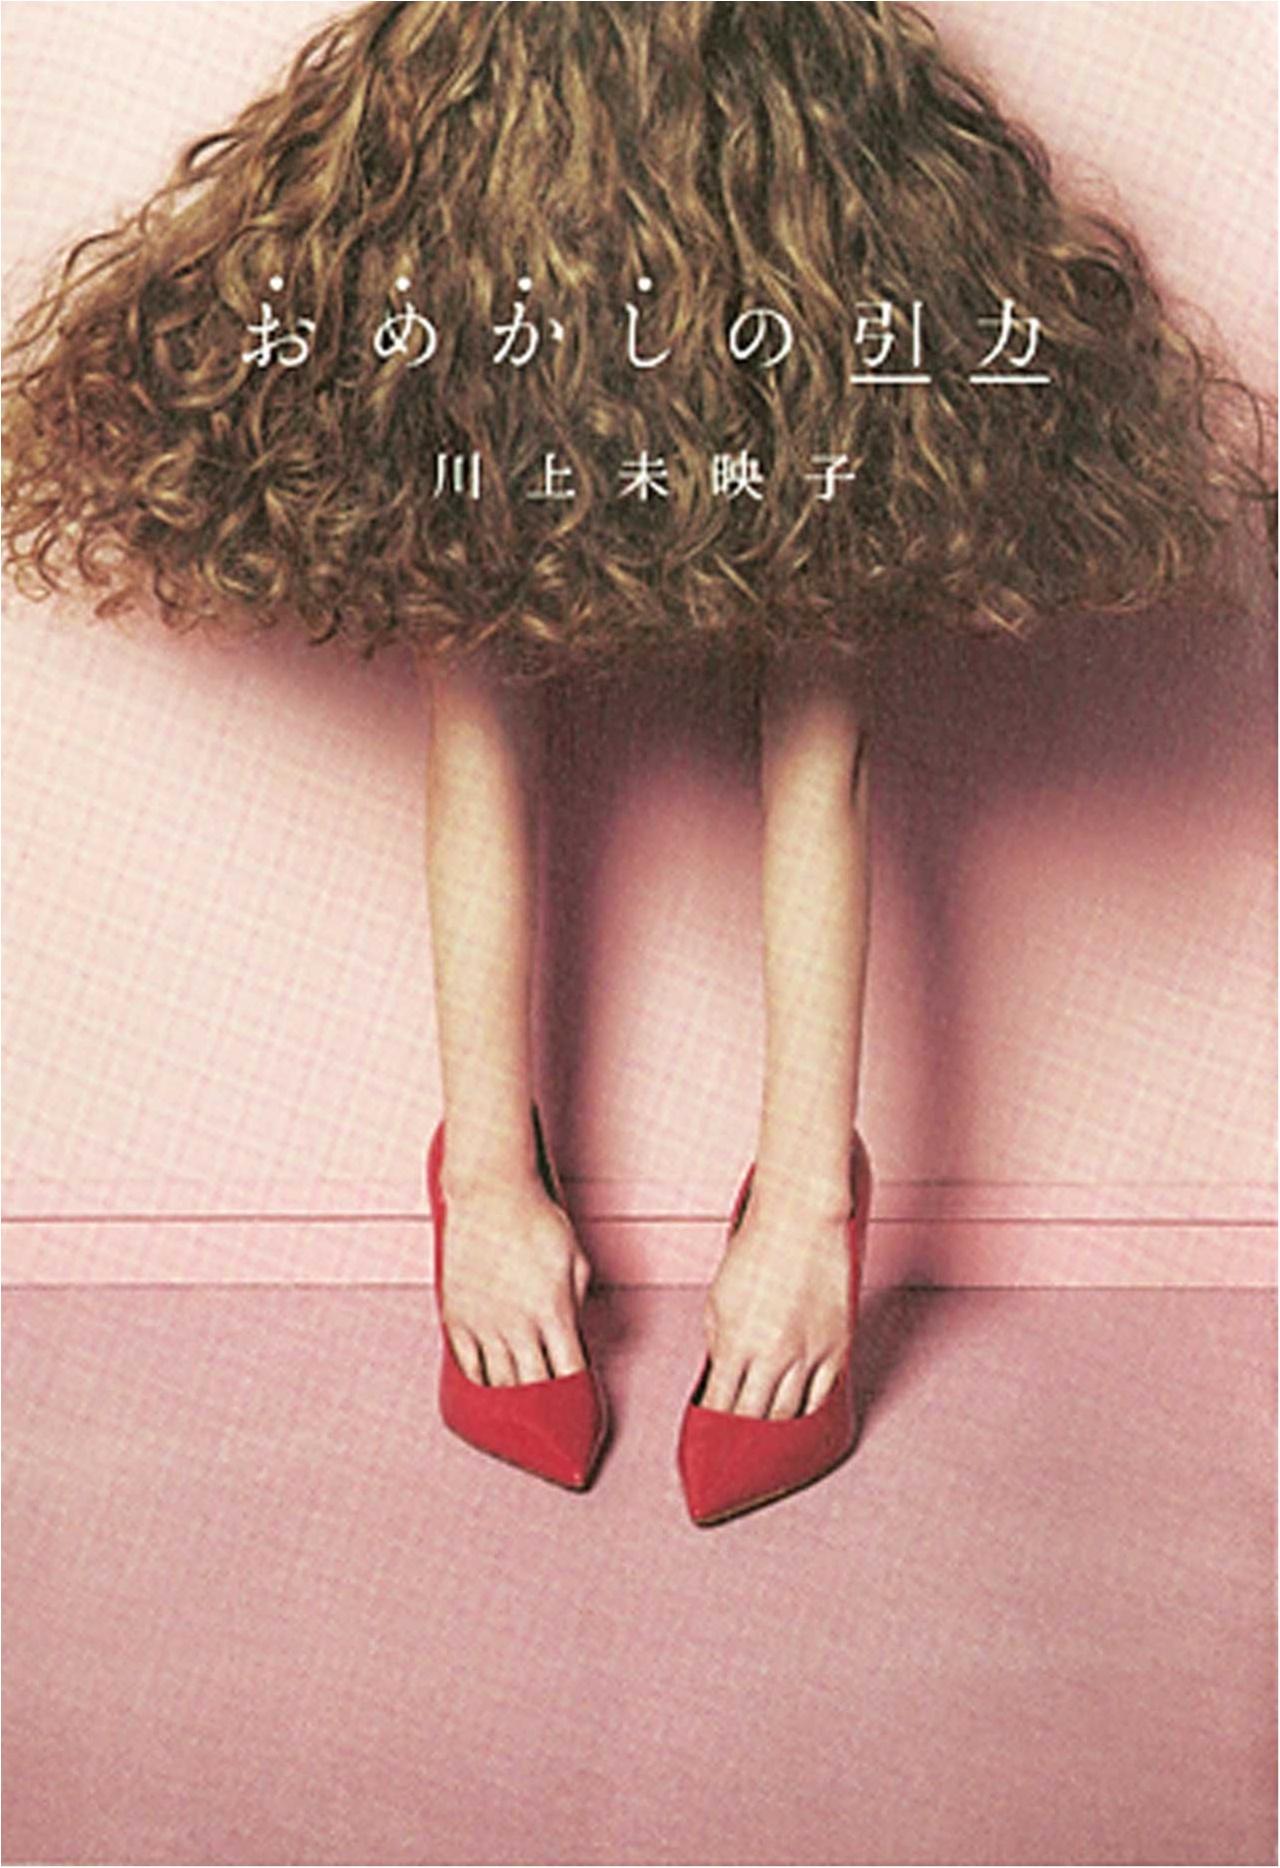 今月のオススメ★BOOK『テミスの休息』『おめかしの引力』_2